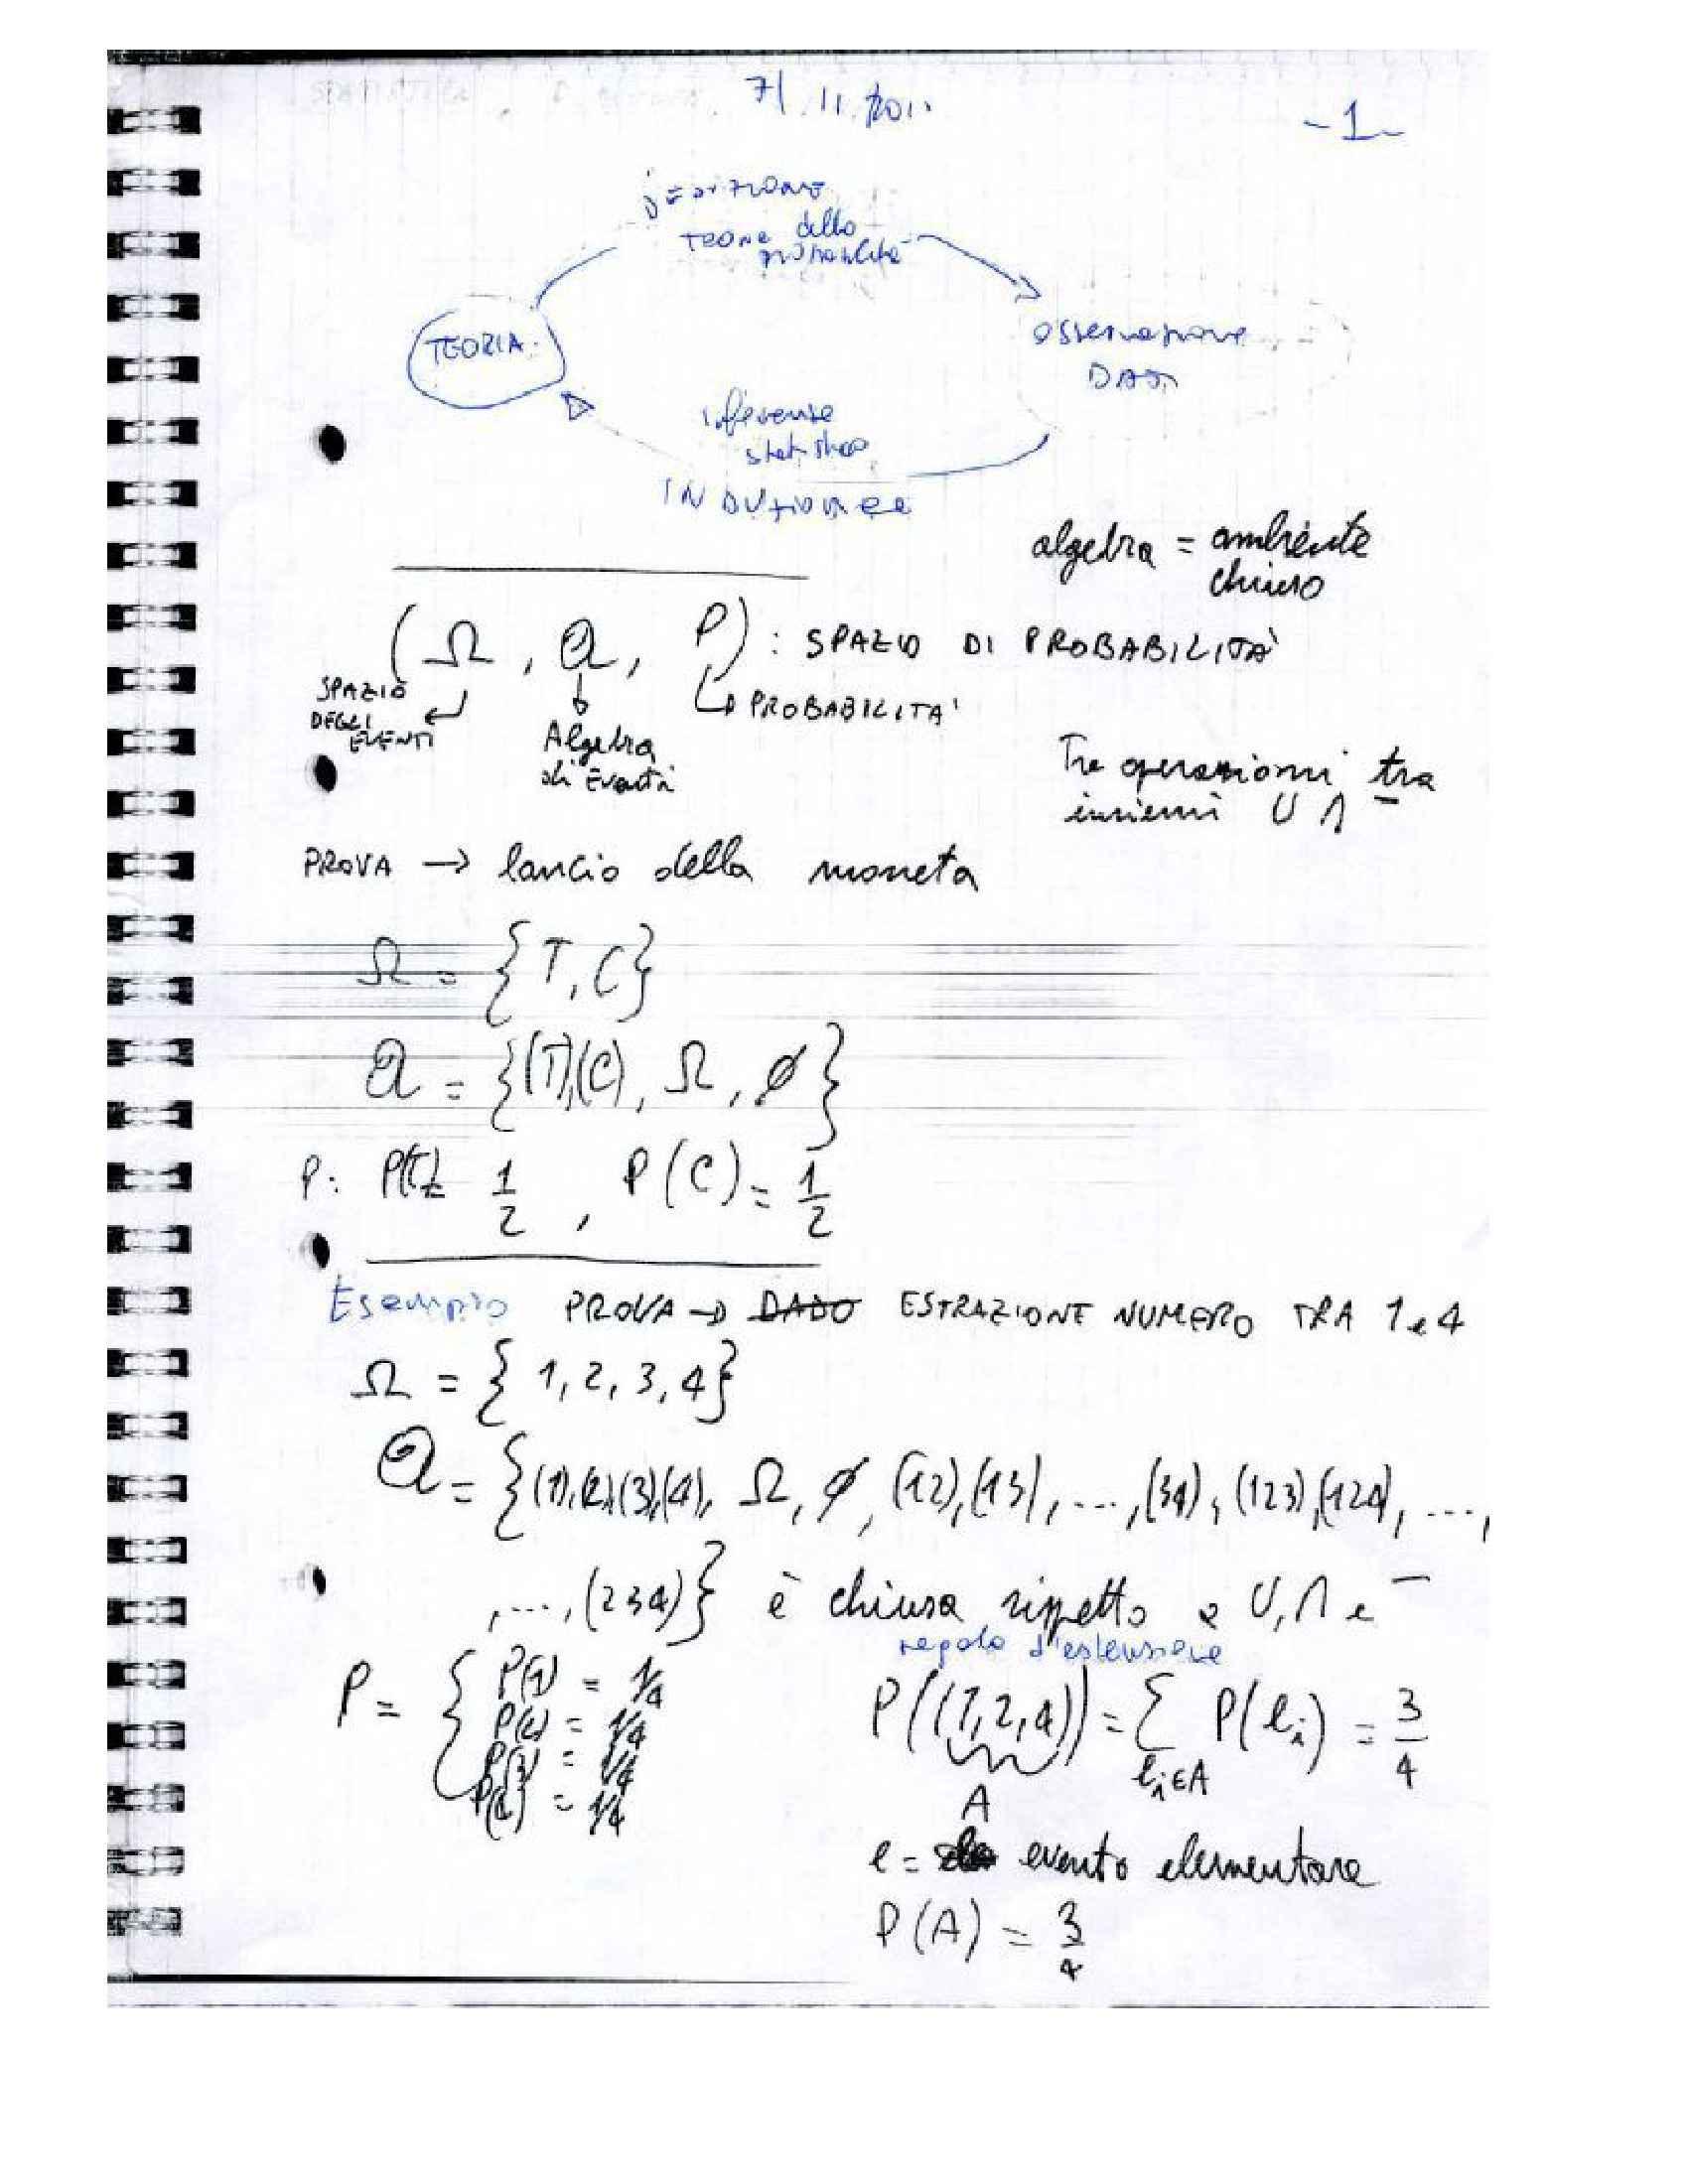 Statistica matematica - Esercizi